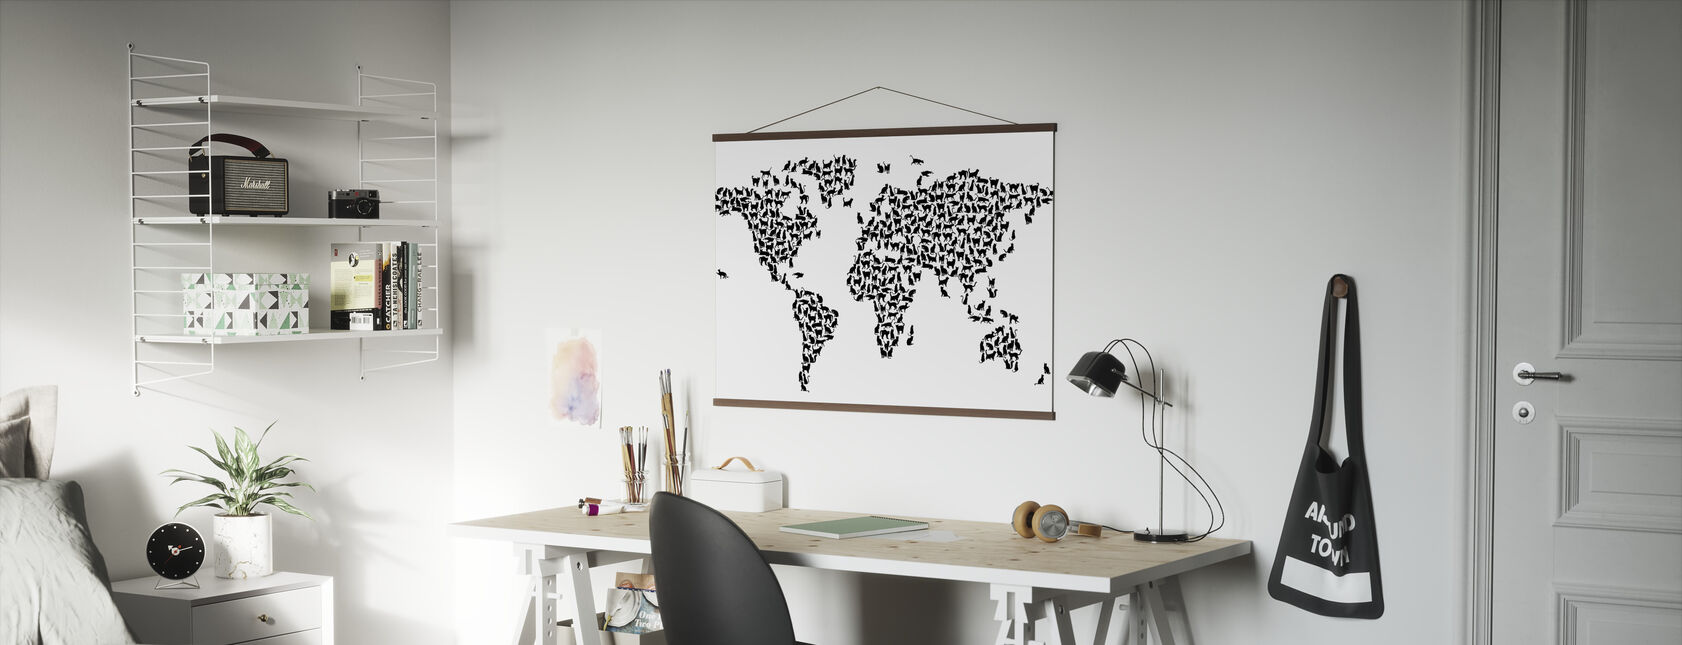 Katten Wereld Kaart Zwart - Poster - Kantoor